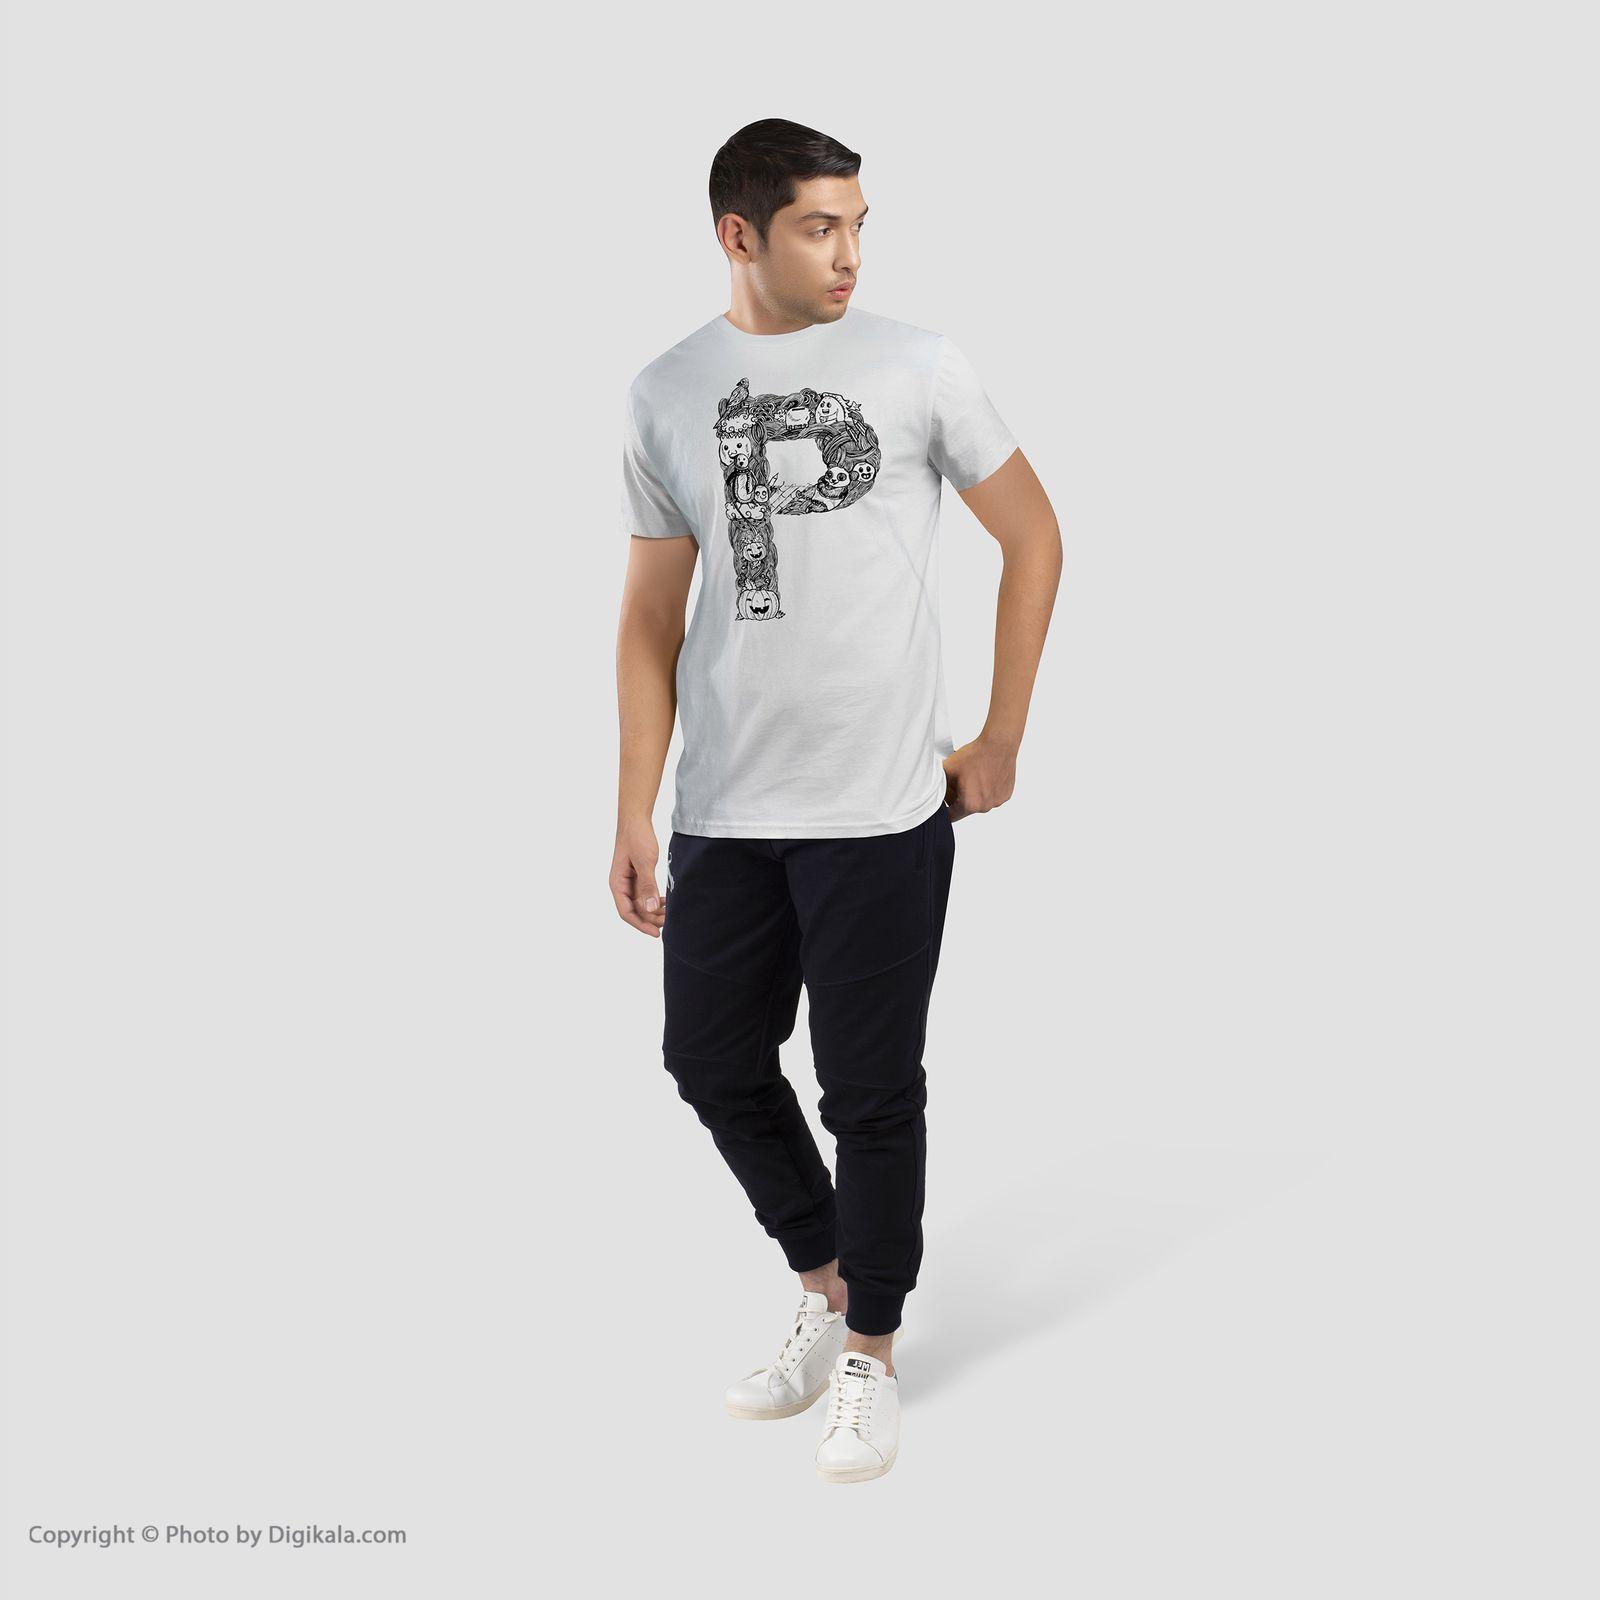 تی شرت آستین کوتاه مردانه شین دیزاین طرح حروف اول اسم P کد 4553 main 1 1